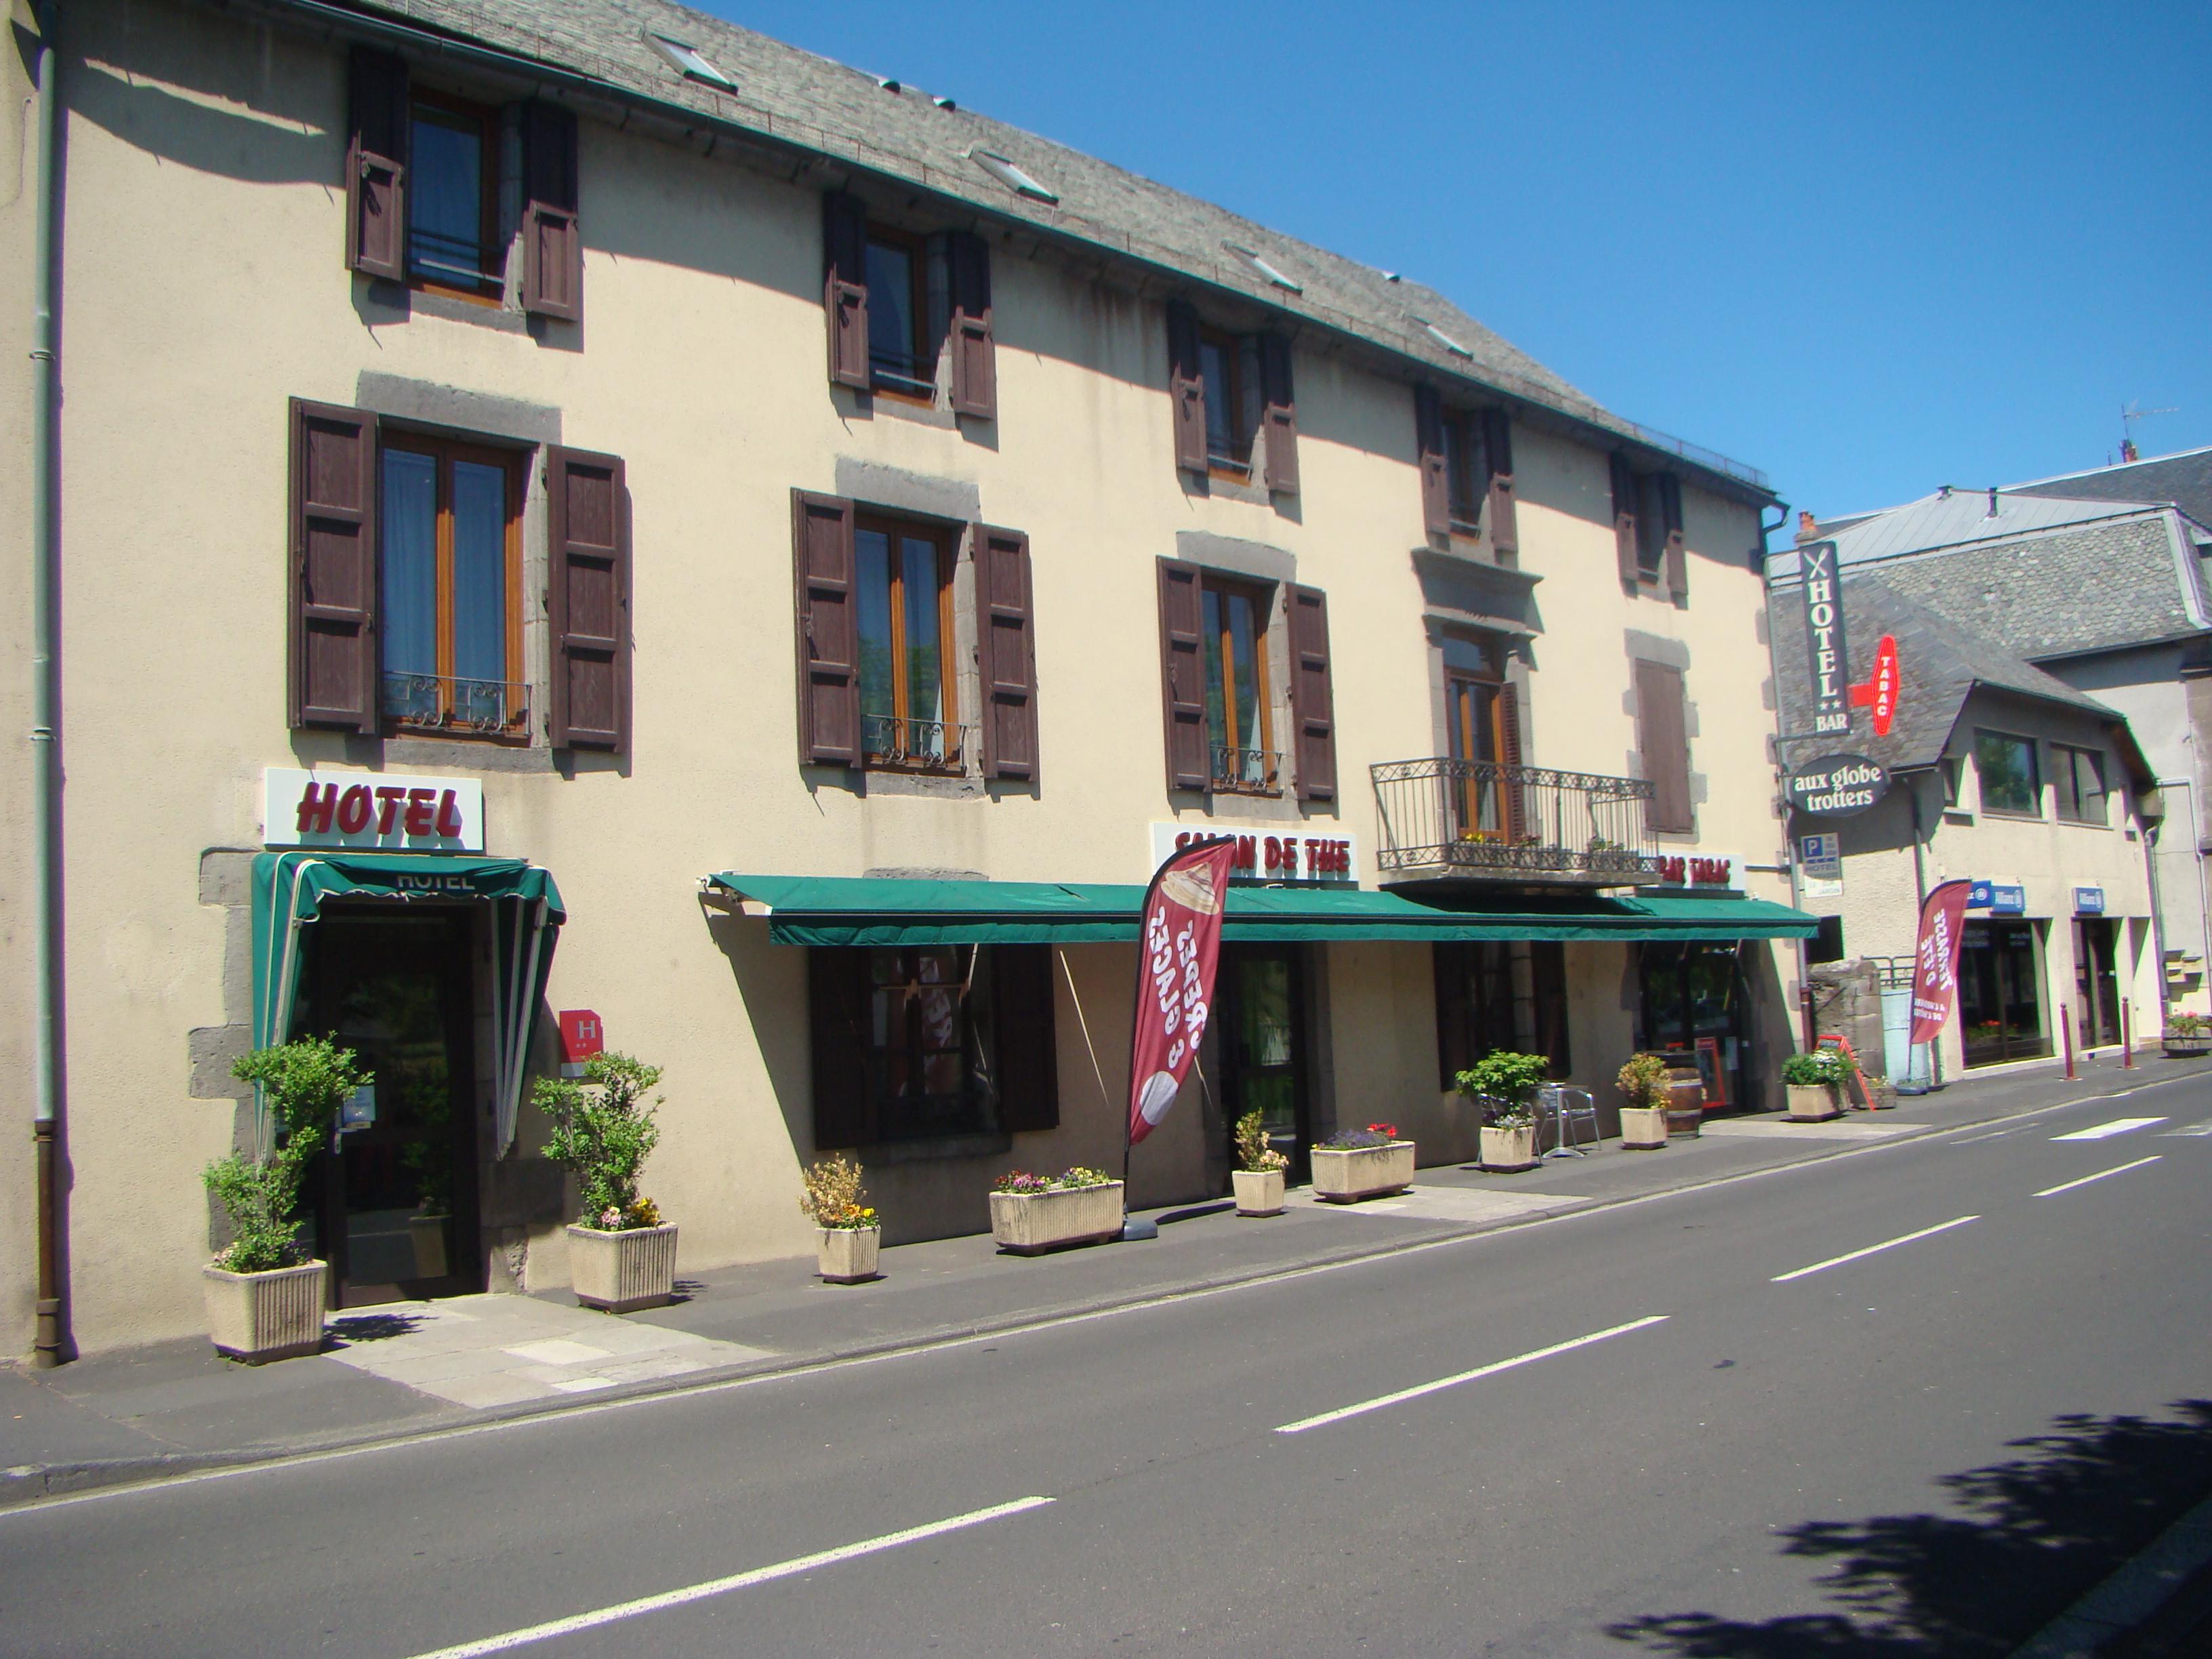 HOTEL BUREAU BAR TABAC FDJ